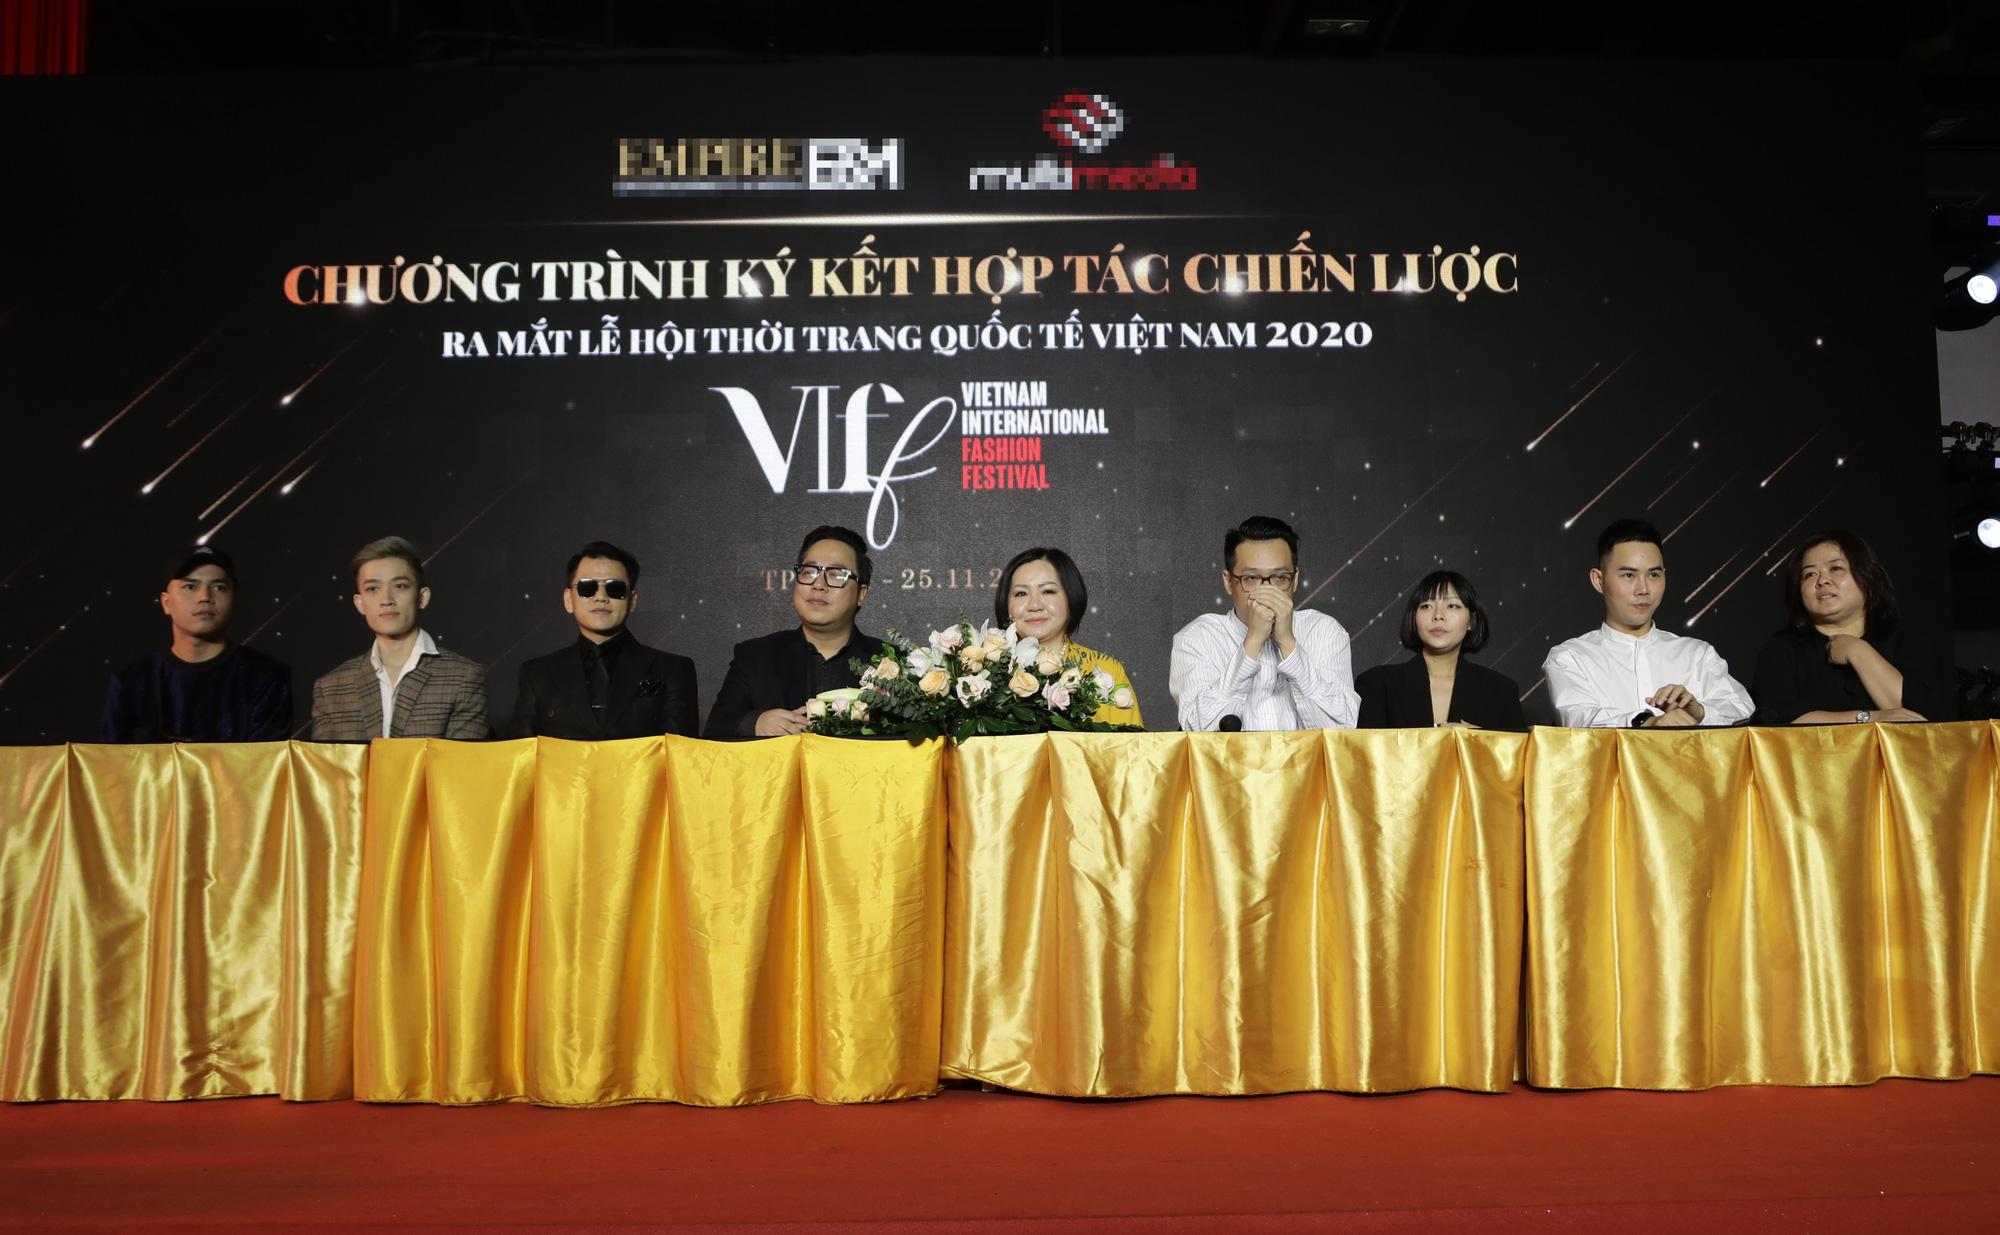 Lễ hội Thời trang Quốc tế tại Việt Nam quảng bá văn hóa và du lịch - Ảnh 2.